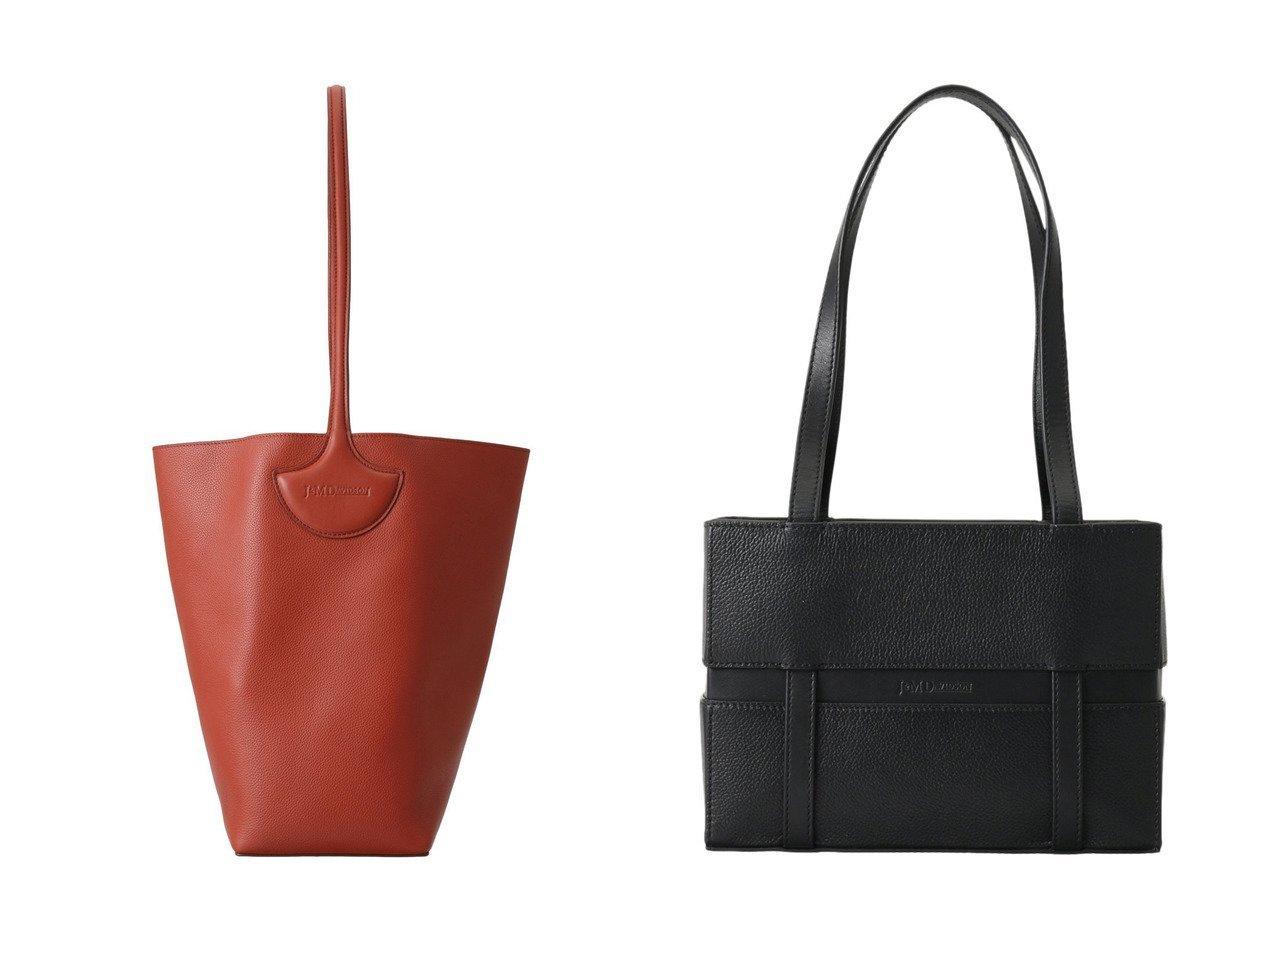 【J&M DAVIDSON/ジェイアンドエム デヴィッドソン】のAPPLE BAG&A5 TOTE 【バッグ・鞄】おすすめ!人気、トレンド・レディースファッションの通販 おすすめで人気の流行・トレンド、ファッションの通販商品 インテリア・家具・メンズファッション・キッズファッション・レディースファッション・服の通販 founy(ファニー) https://founy.com/ ファッション Fashion レディースファッション WOMEN バッグ Bag 2020年 2020 2020-2021秋冬・A/W AW・Autumn/Winter・FW・Fall-Winter/2020-2021 2021年 2021 2021-2022秋冬・A/W AW・Autumn/Winter・FW・Fall-Winter・2021-2022 A/W・秋冬 AW・Autumn/Winter・FW・Fall-Winter なめらか シェイプ シンプル ポーチ コンパクト ボックス ポケット ラップ  ID:crp329100000062647